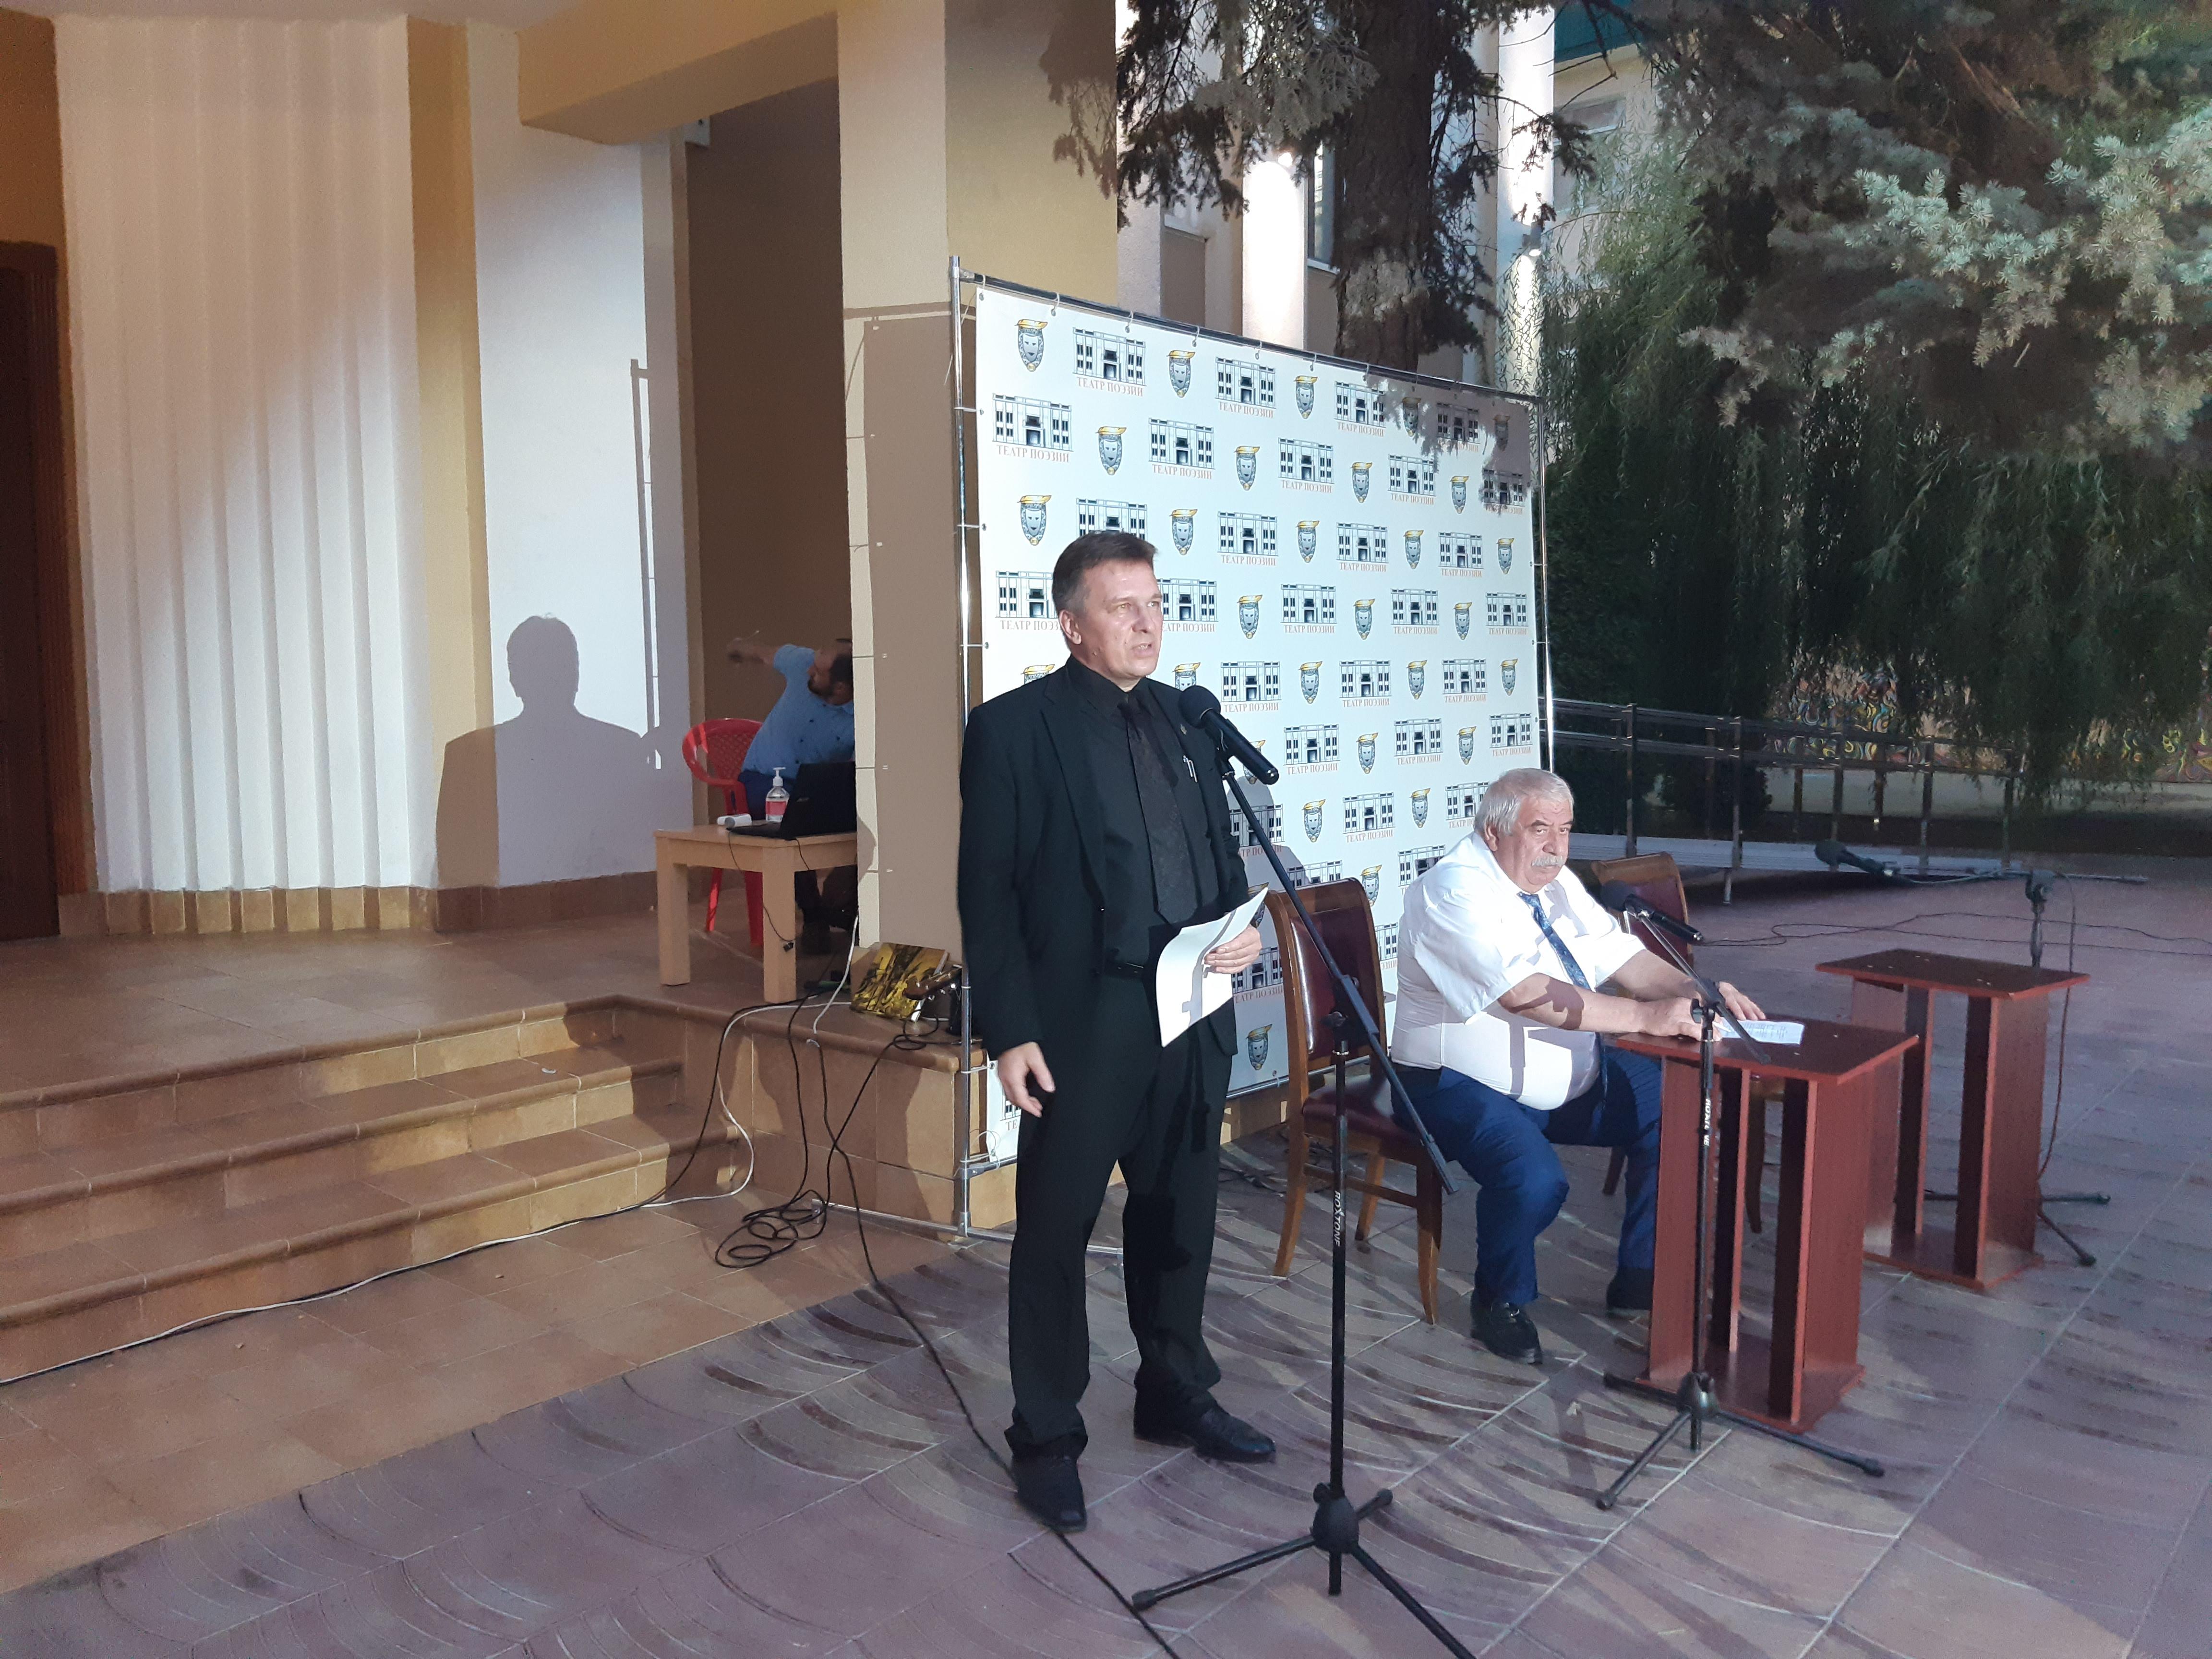 Выступление в Театре поэзии, Иван Голубничий и Магомед Ахмедов